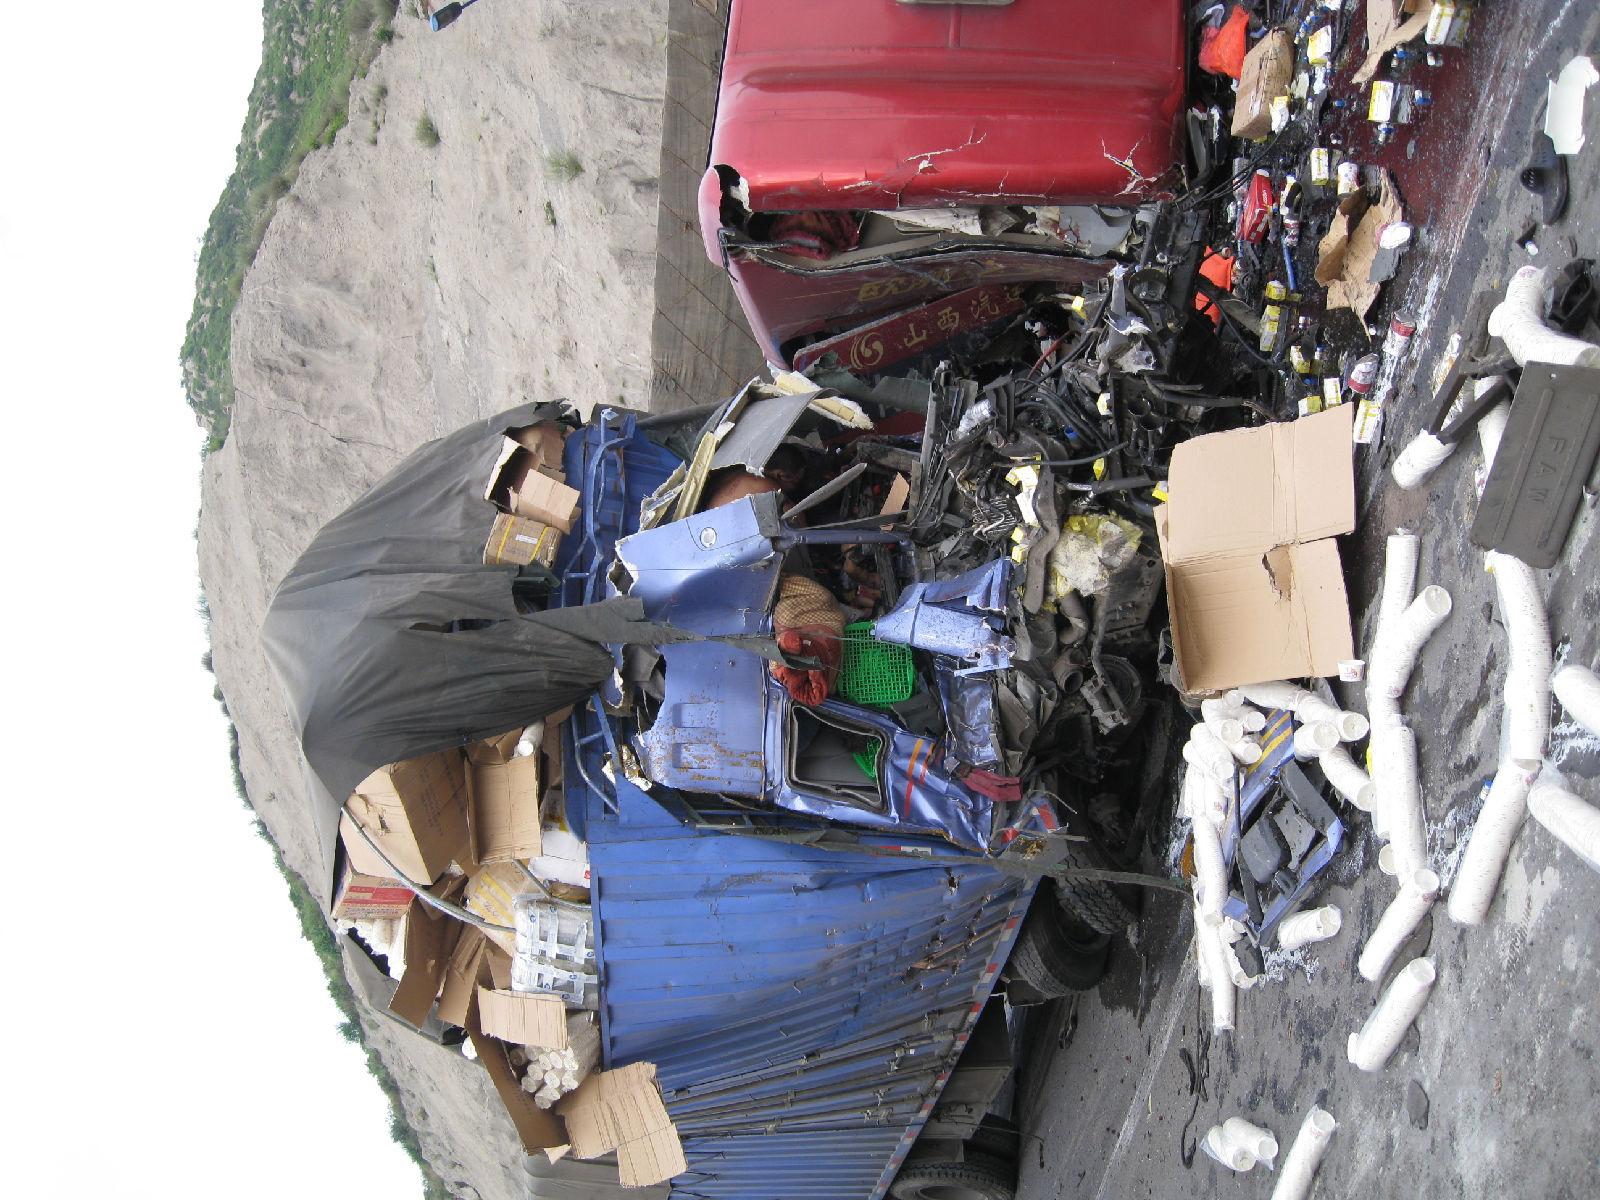 泗水7月8号车祸_8月7日在太长高速堵车八小时惨烈车祸,亲眼见证,大家要求看的 ...